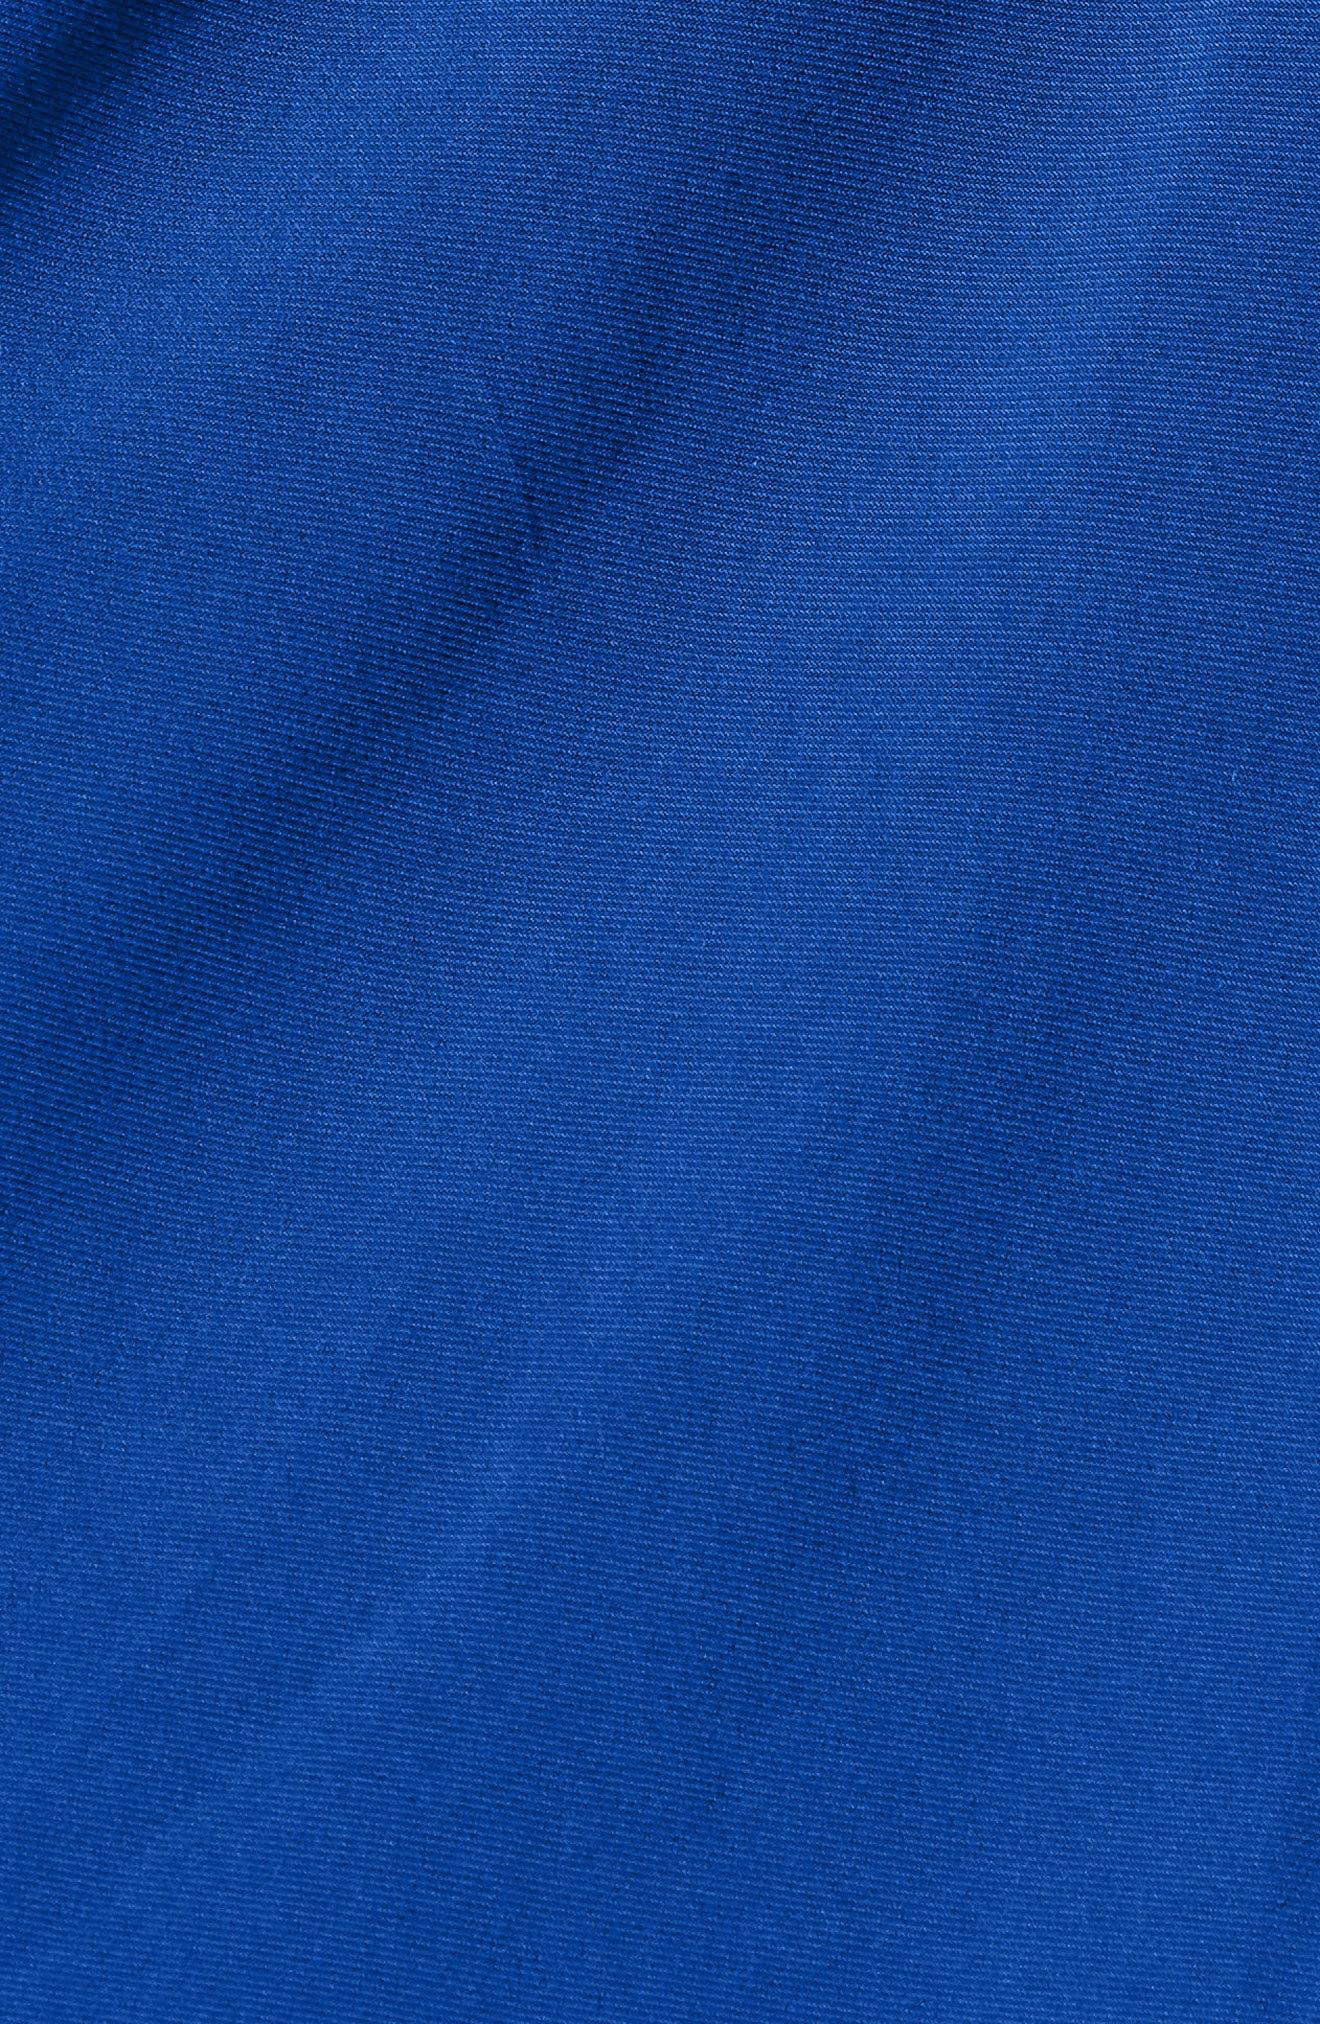 Faux Wrap Dress,                             Alternate thumbnail 7, color,                             CEZANNE BLUE